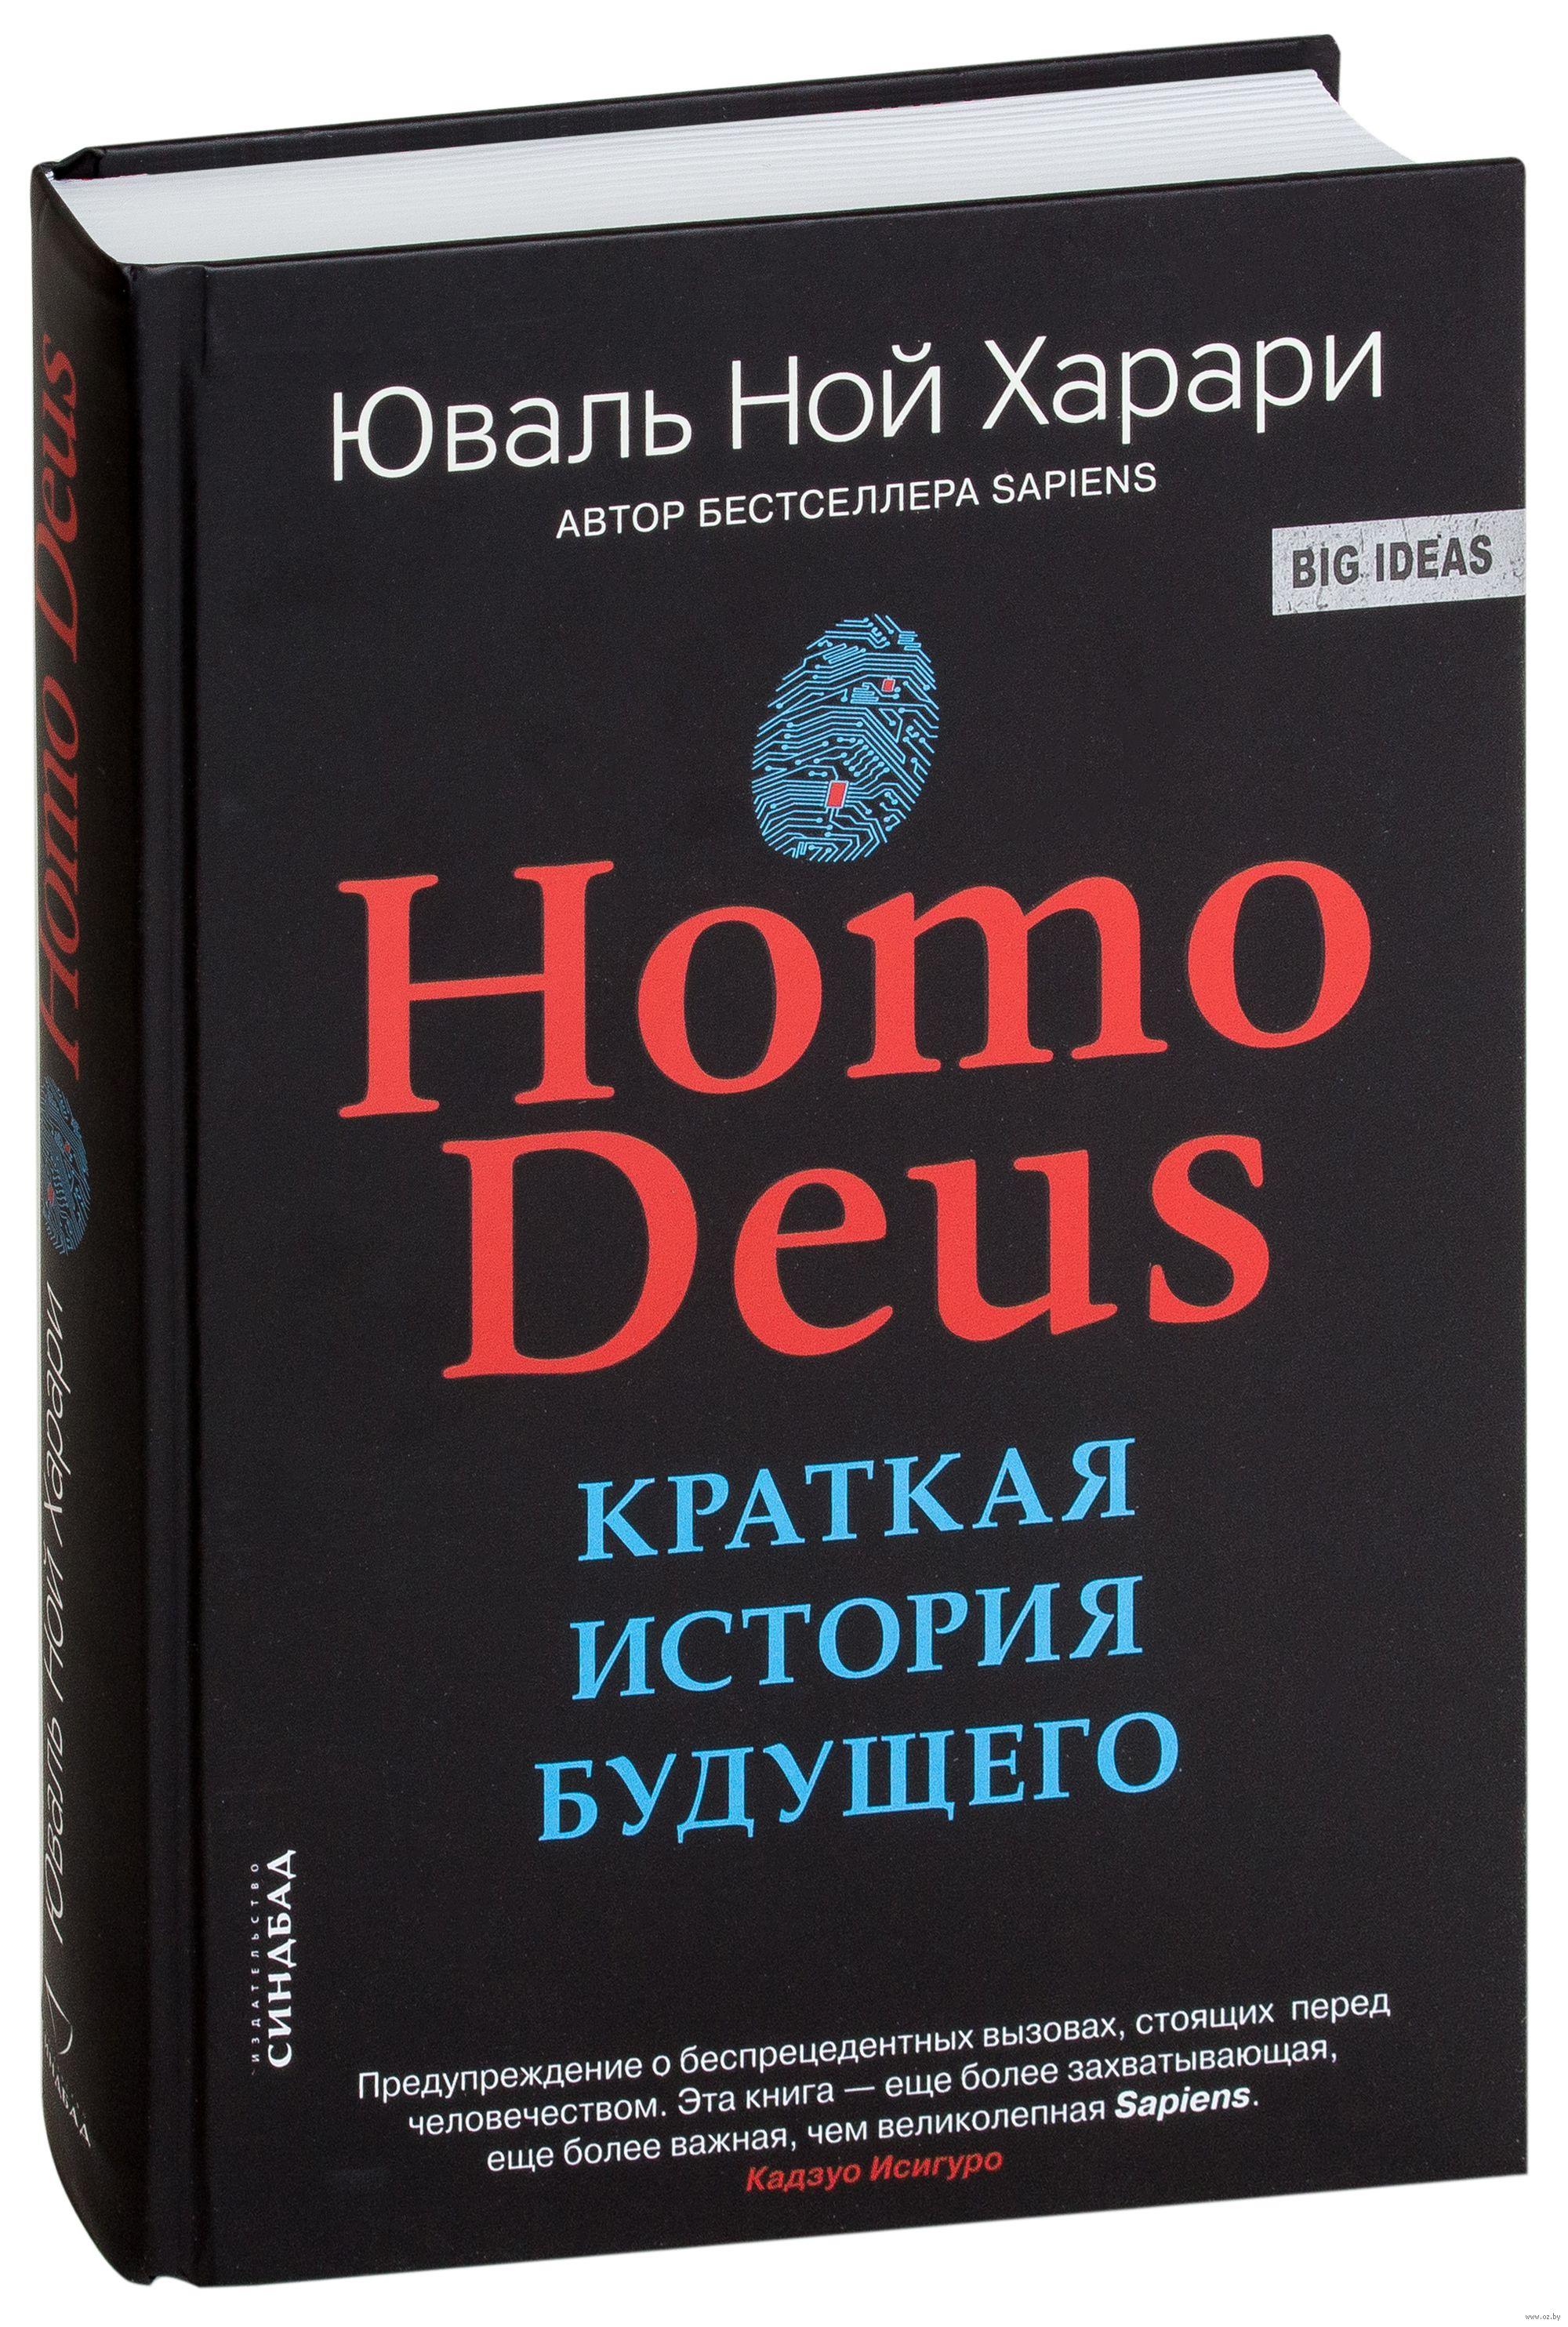 КРОВЬ СВЕКЛЫ: рецензия на «Homo Deus. Краткая история будущего», или Почему бессмертный человек перестанет быть человеком